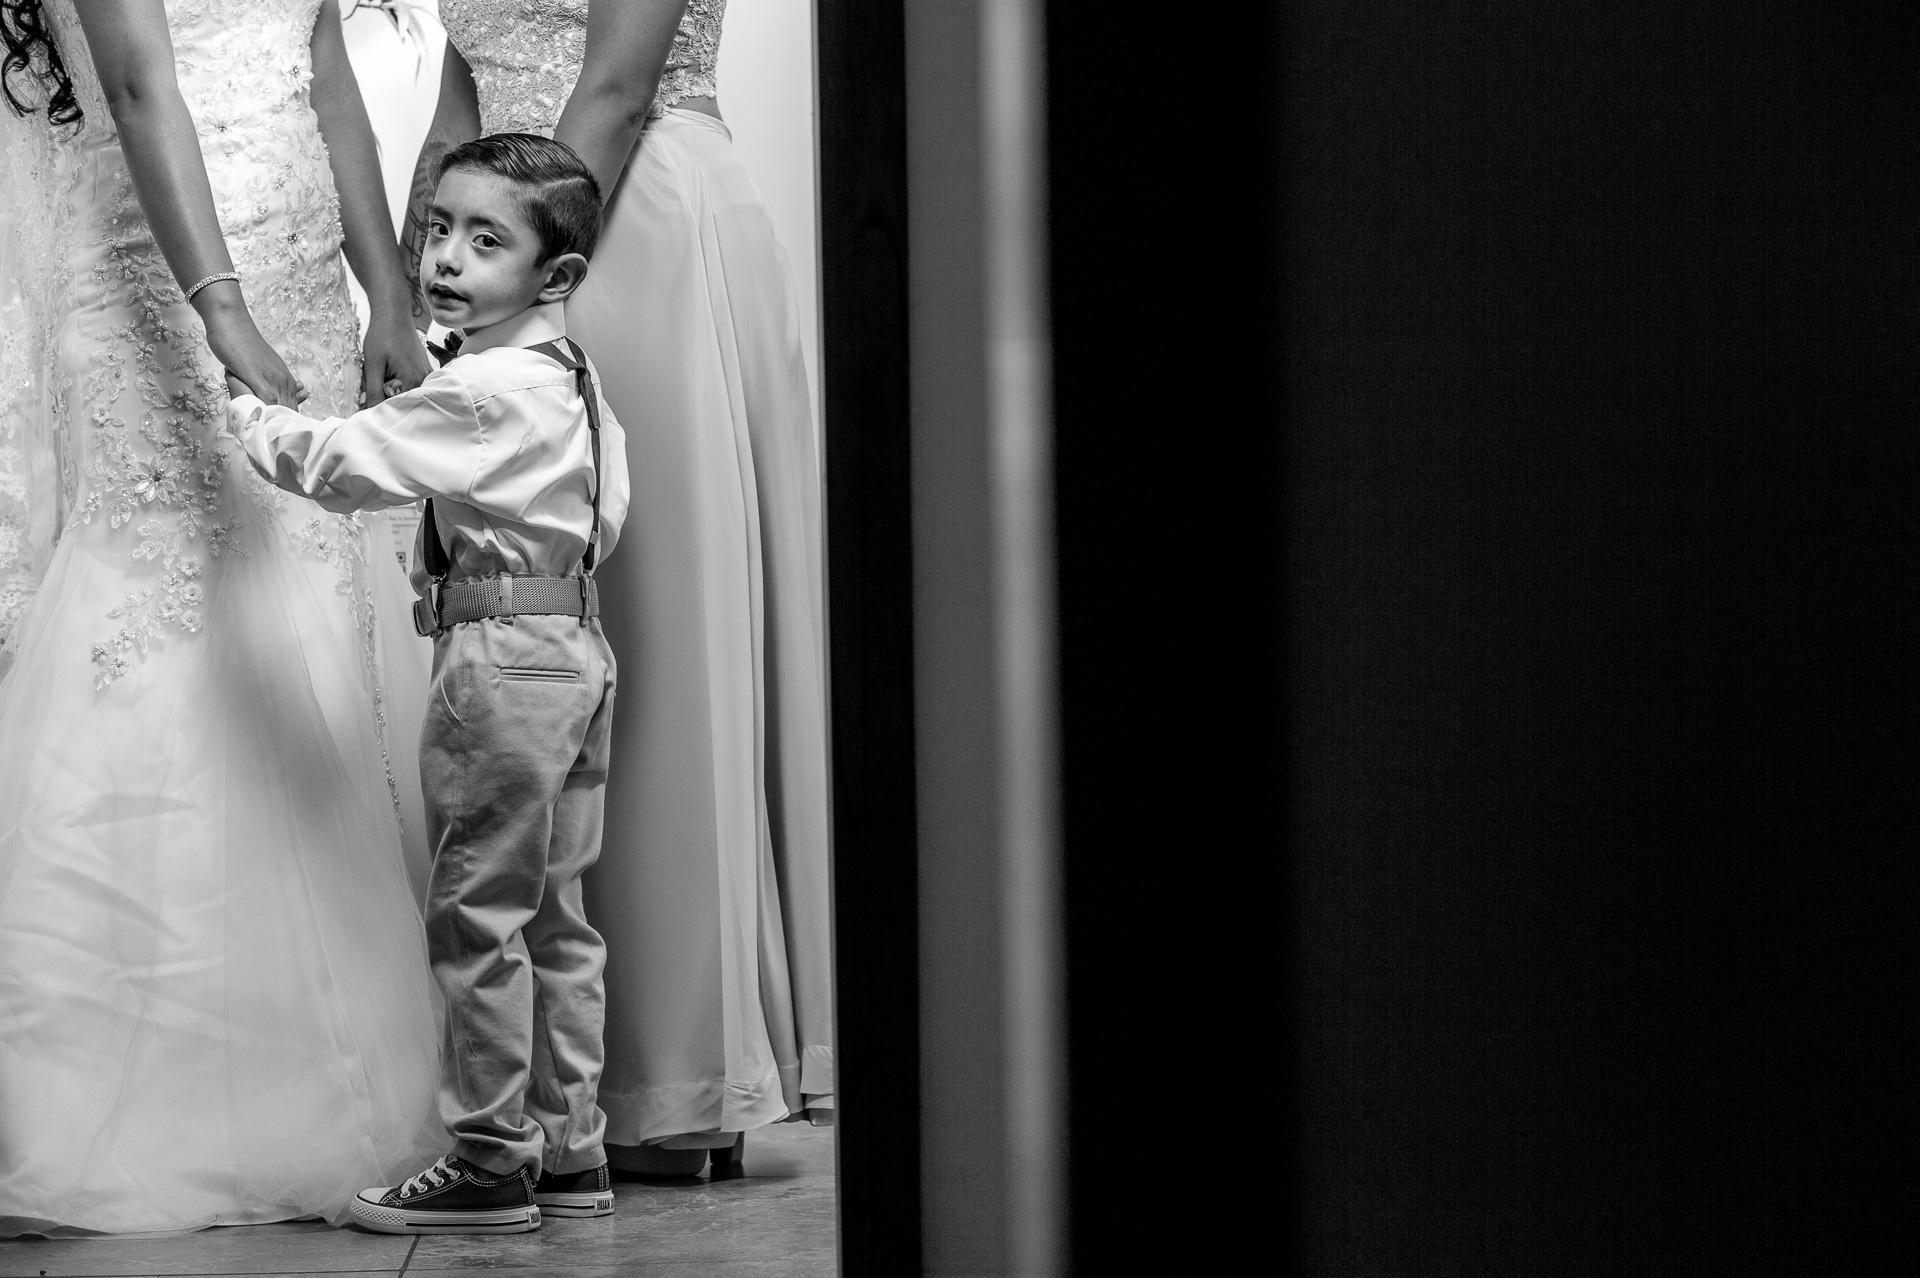 Fotógrafos-de-bodas-en-Colombia-Alejandro-y-Angelica-11-2 ALEJANDRO + ANGELICA